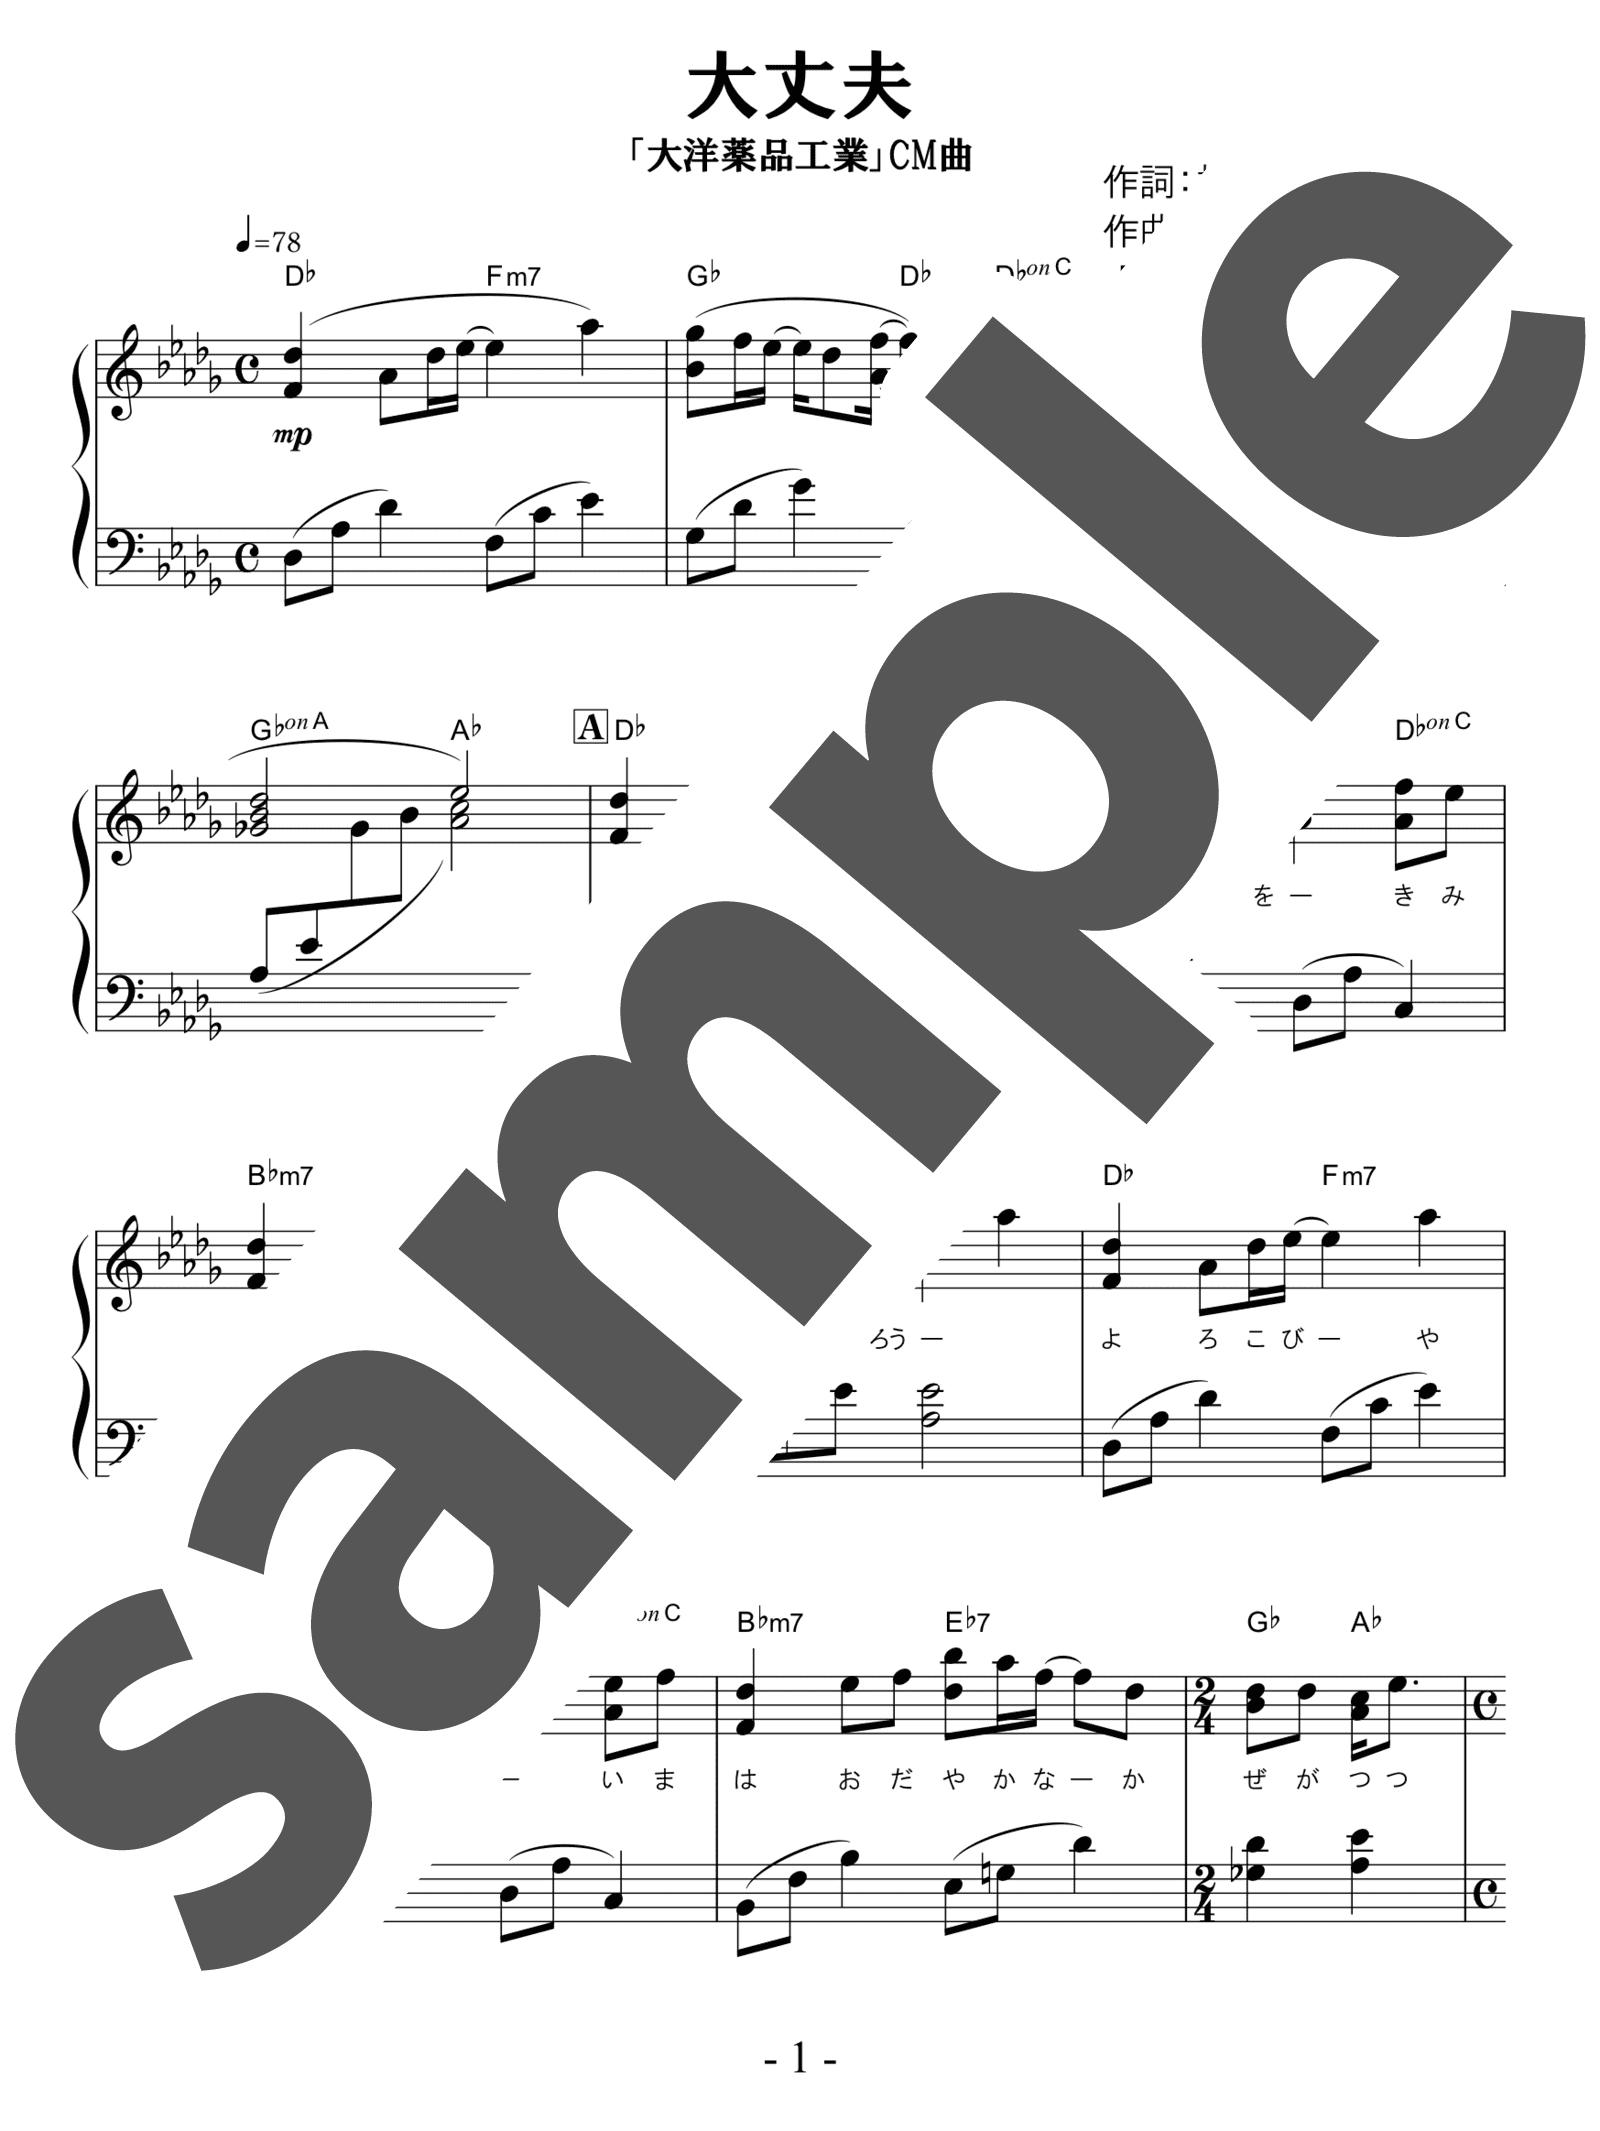 「大丈夫」のサンプル楽譜